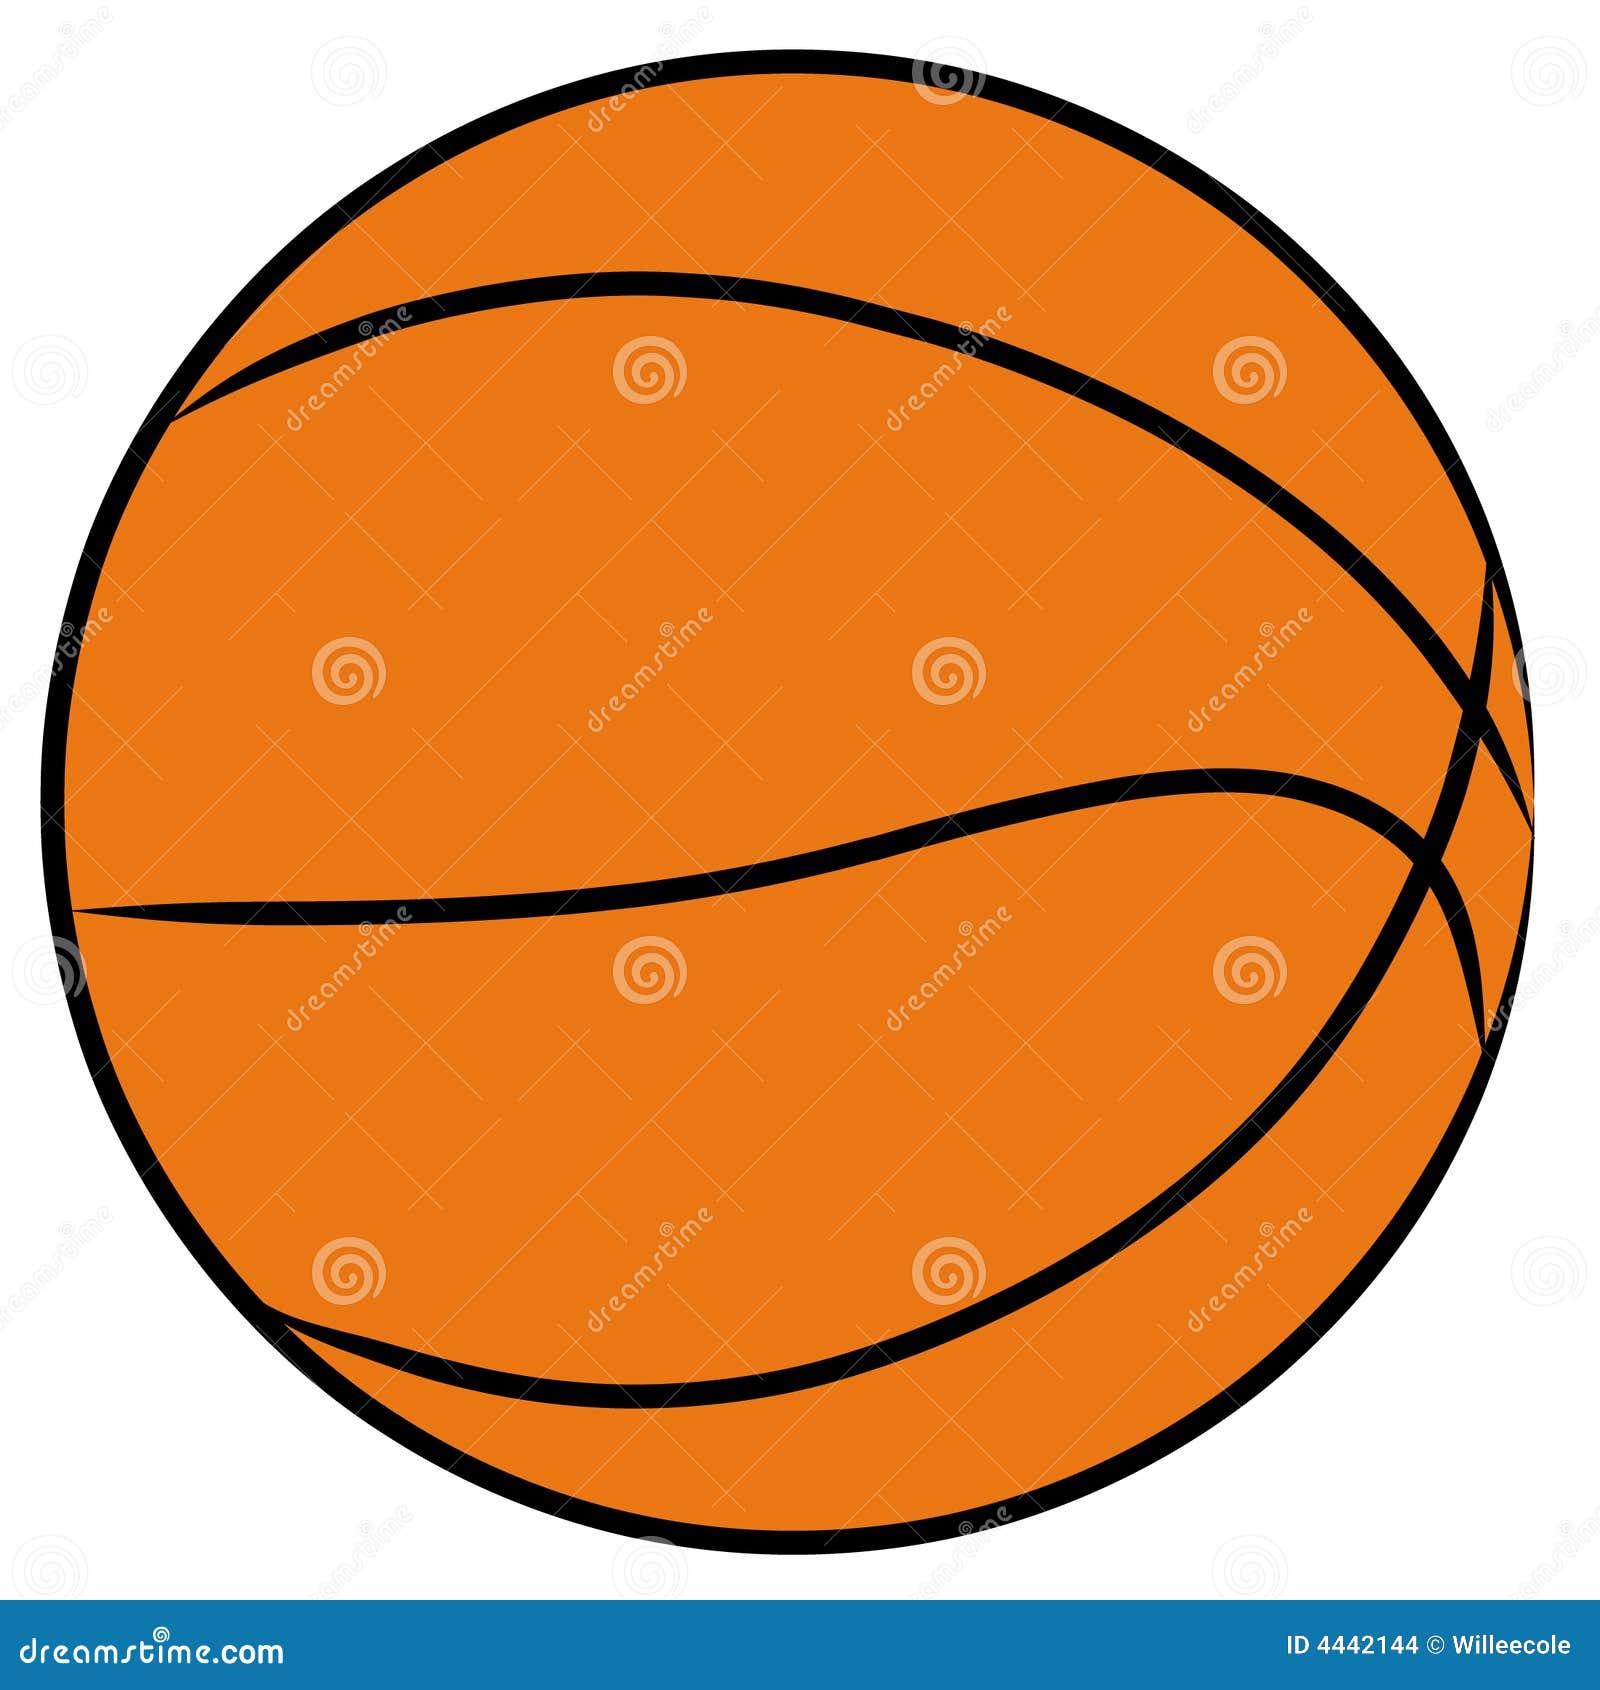 Pallacanestro illustrazione vettoriale immagine di - Immagini stampabili di pallacanestro ...